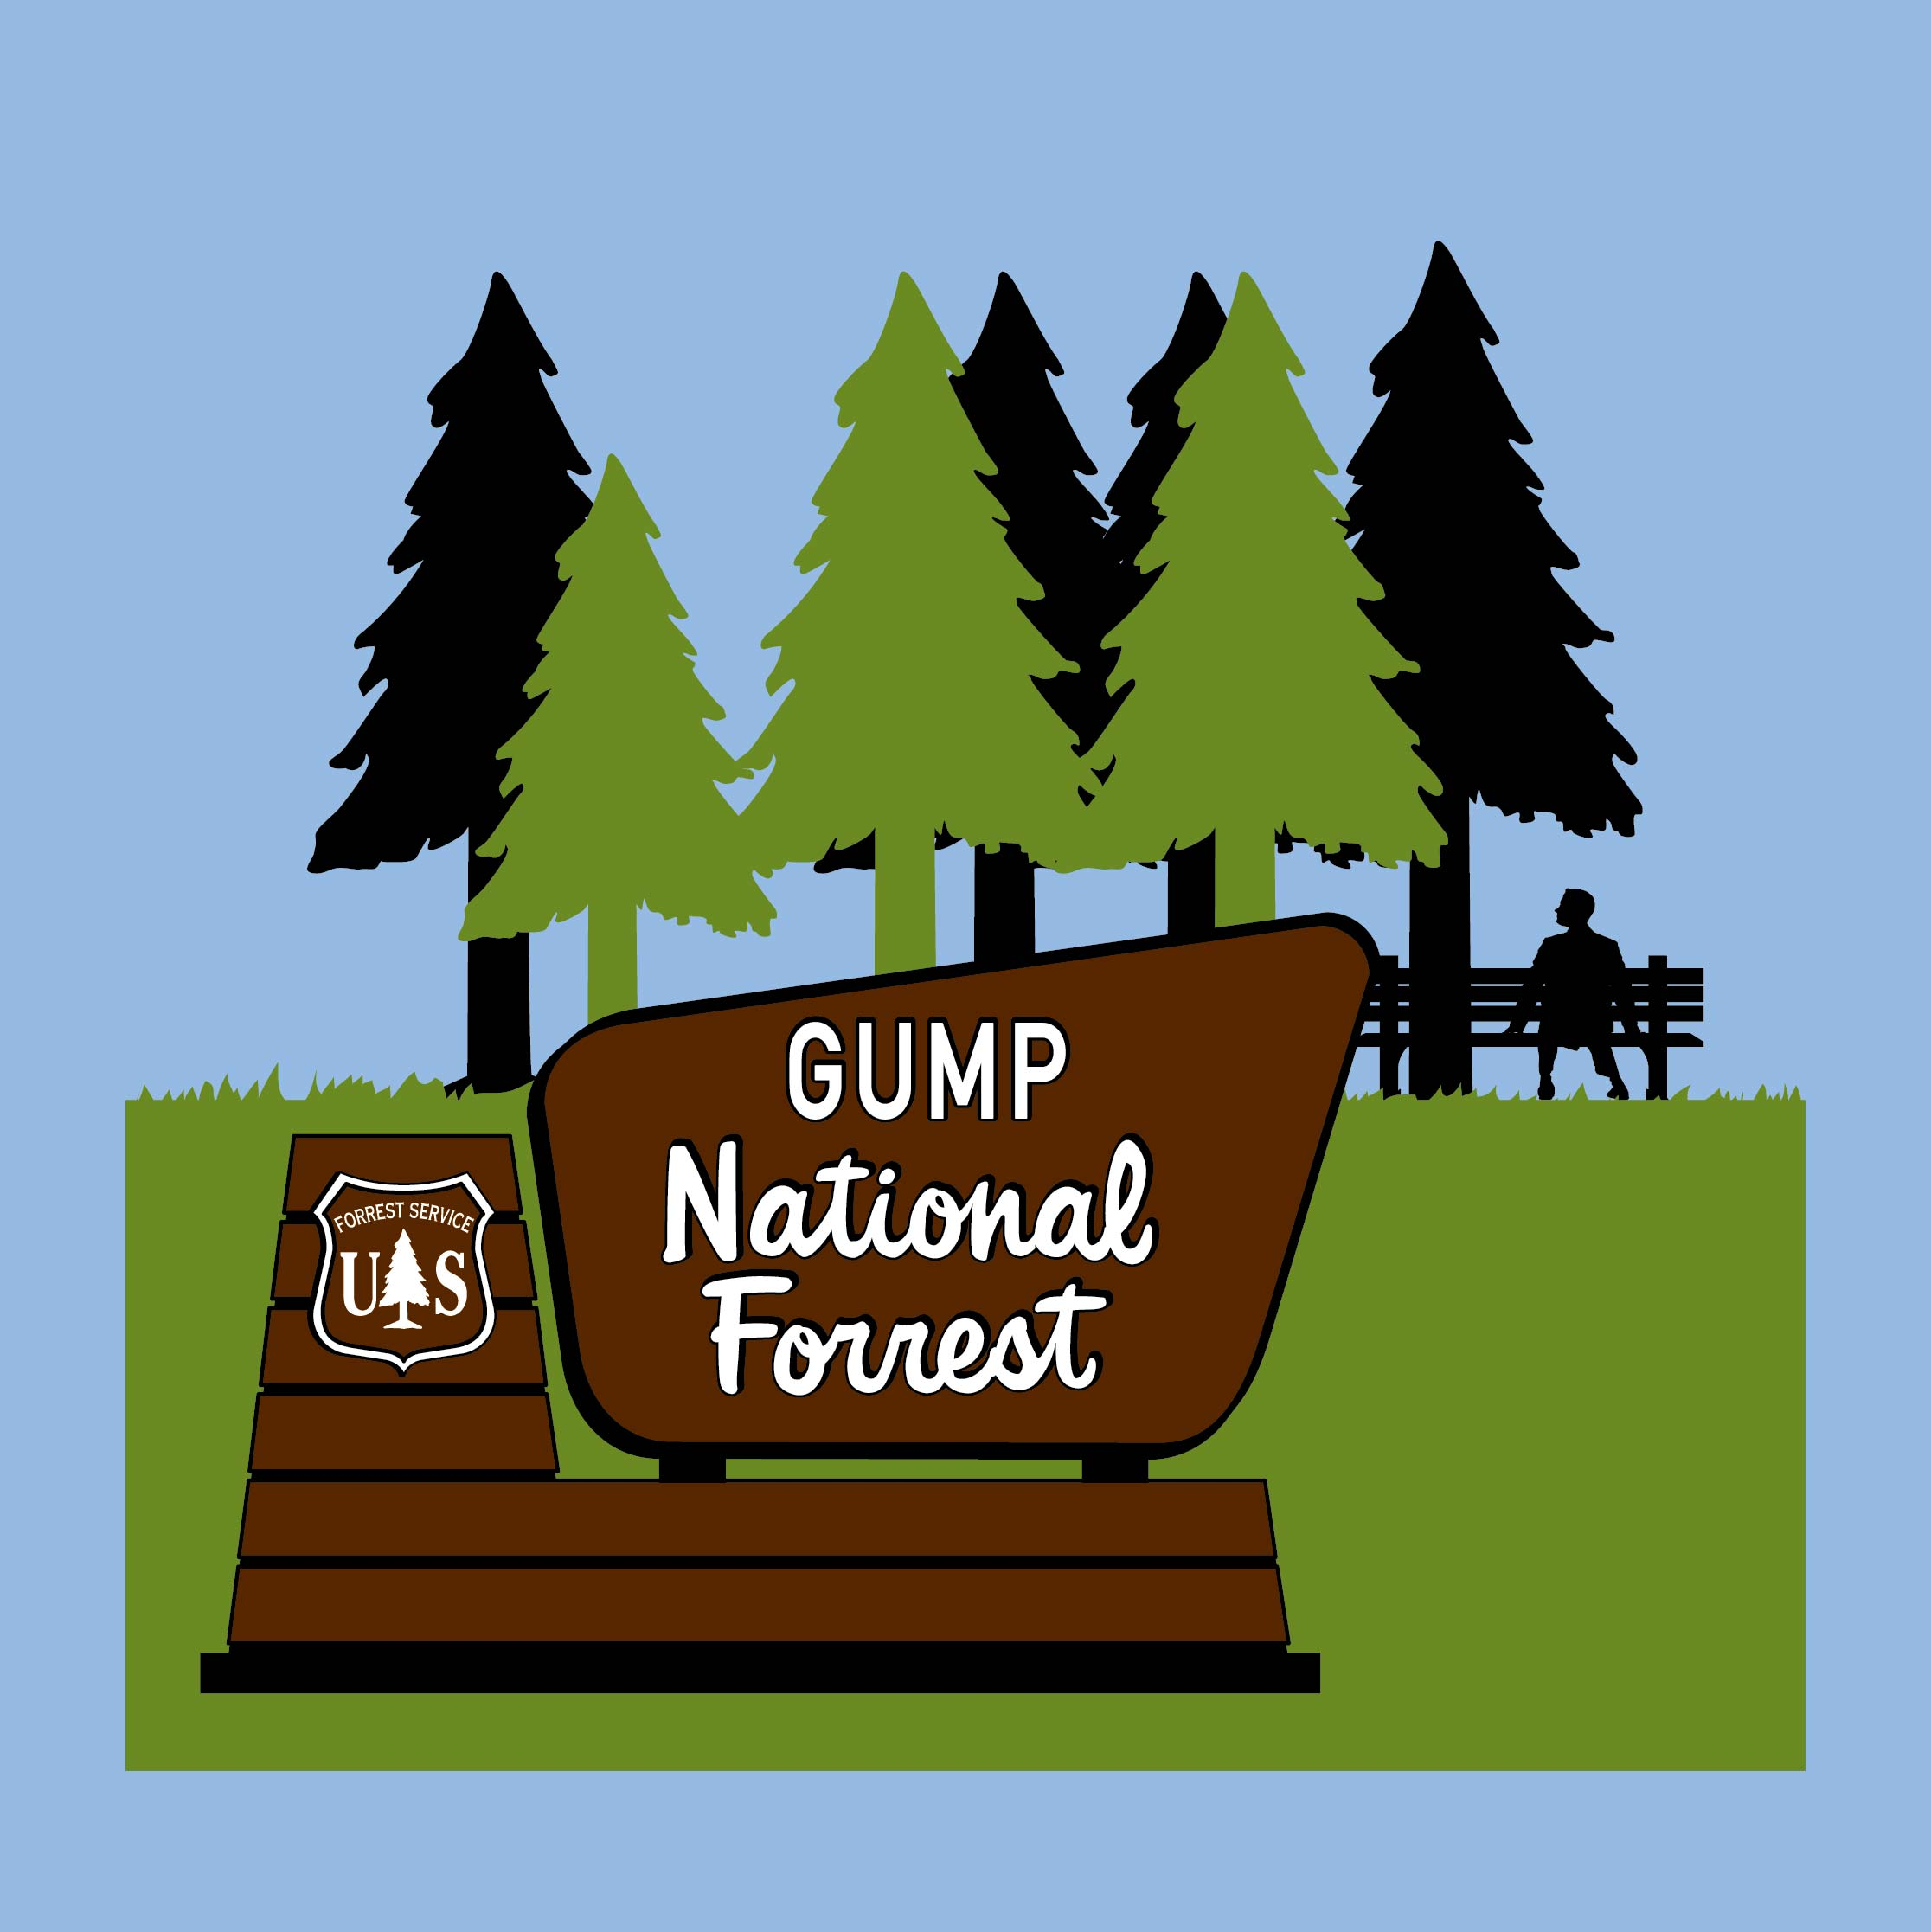 Gump National Forrest